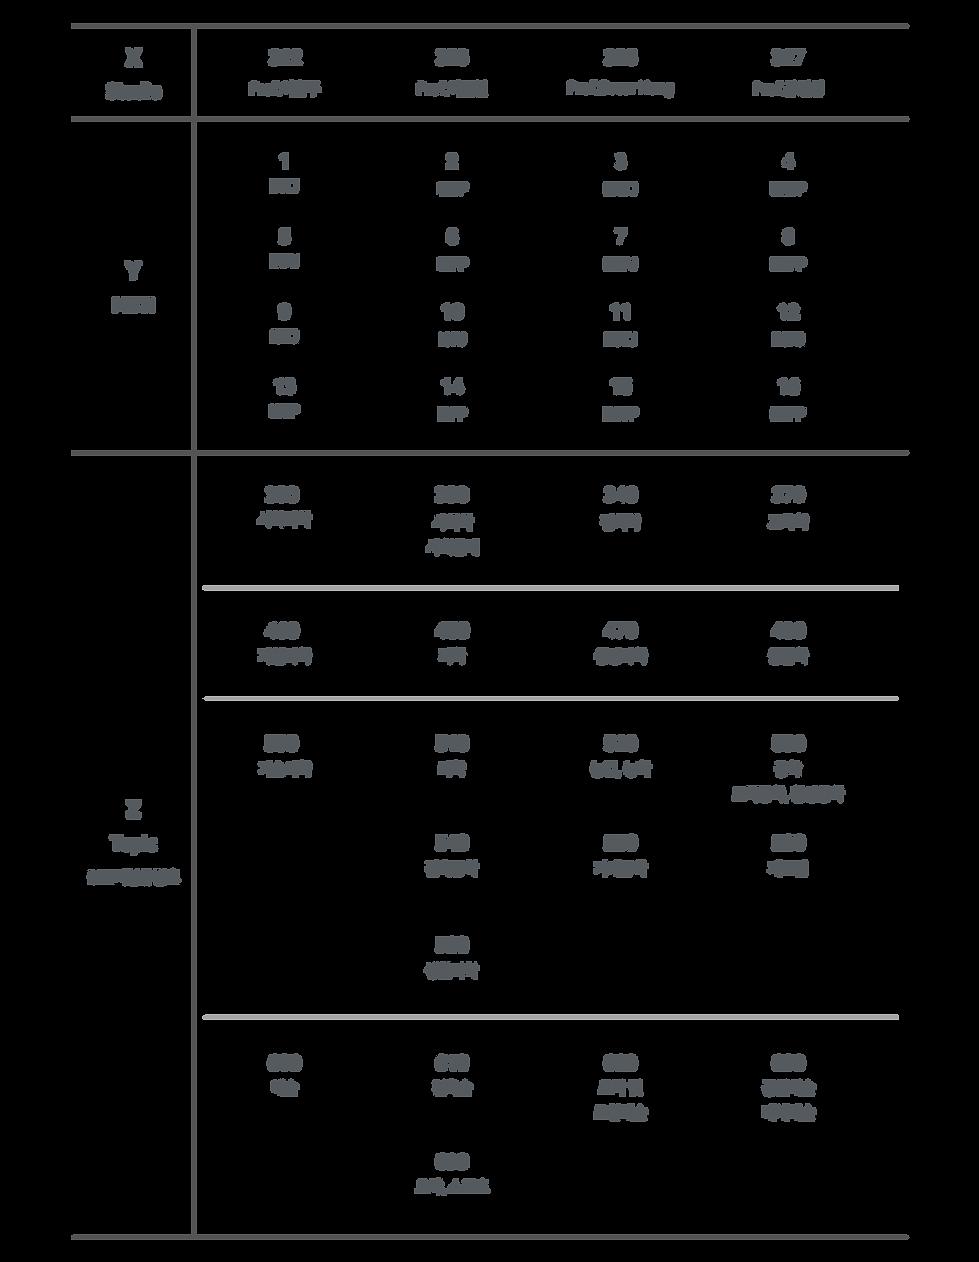 좌표 설명-글자 수정.png